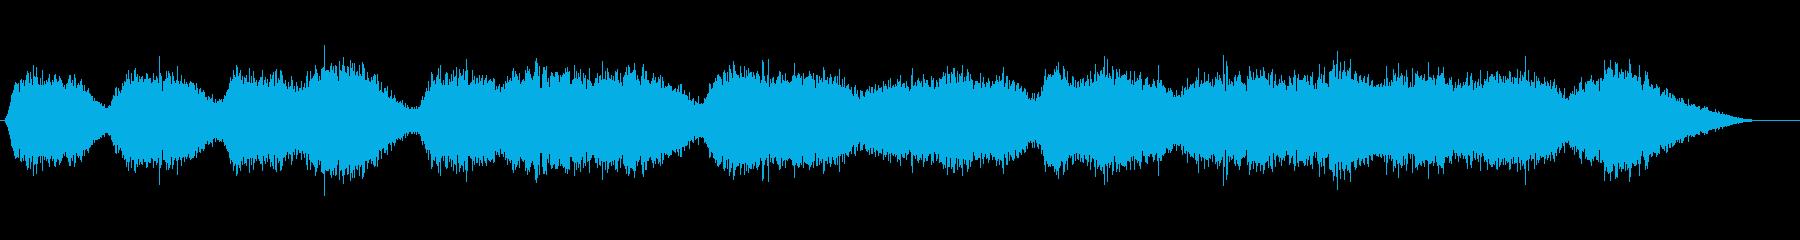 バックグラウンドに流す空間的なSEの再生済みの波形